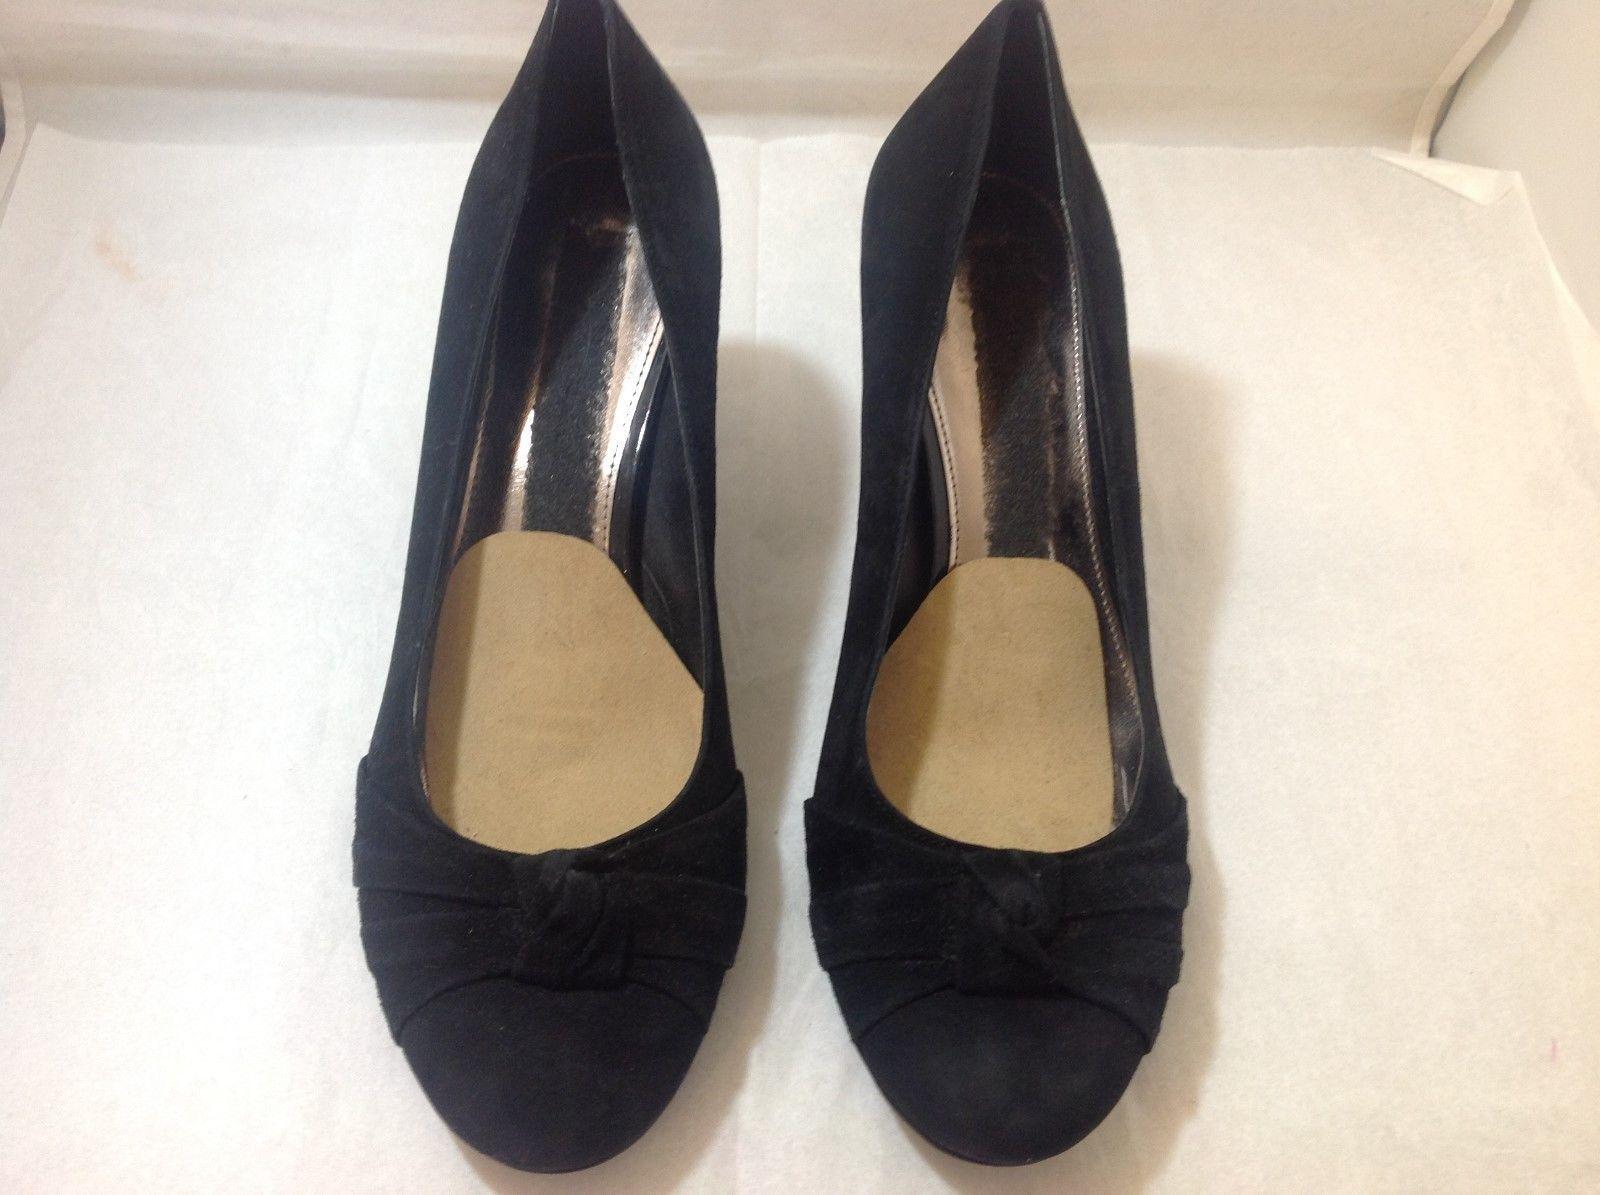 Women's Black Suede High Heel Shoes Sz 9M